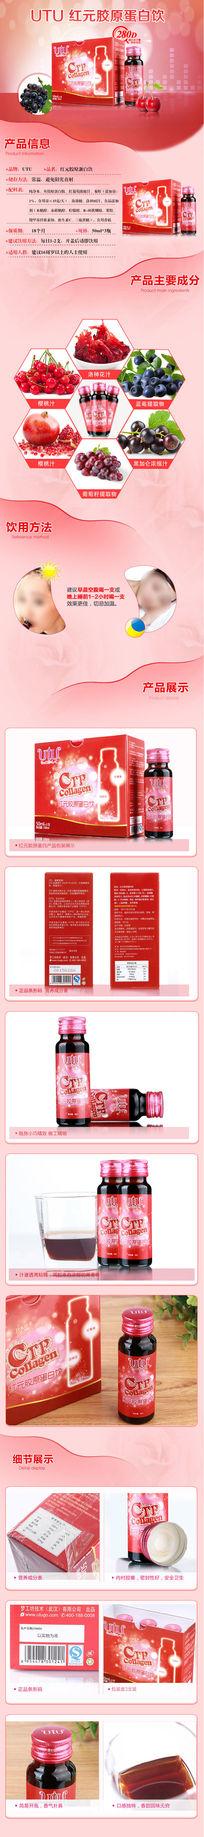 红元胶原蛋白详情页设计